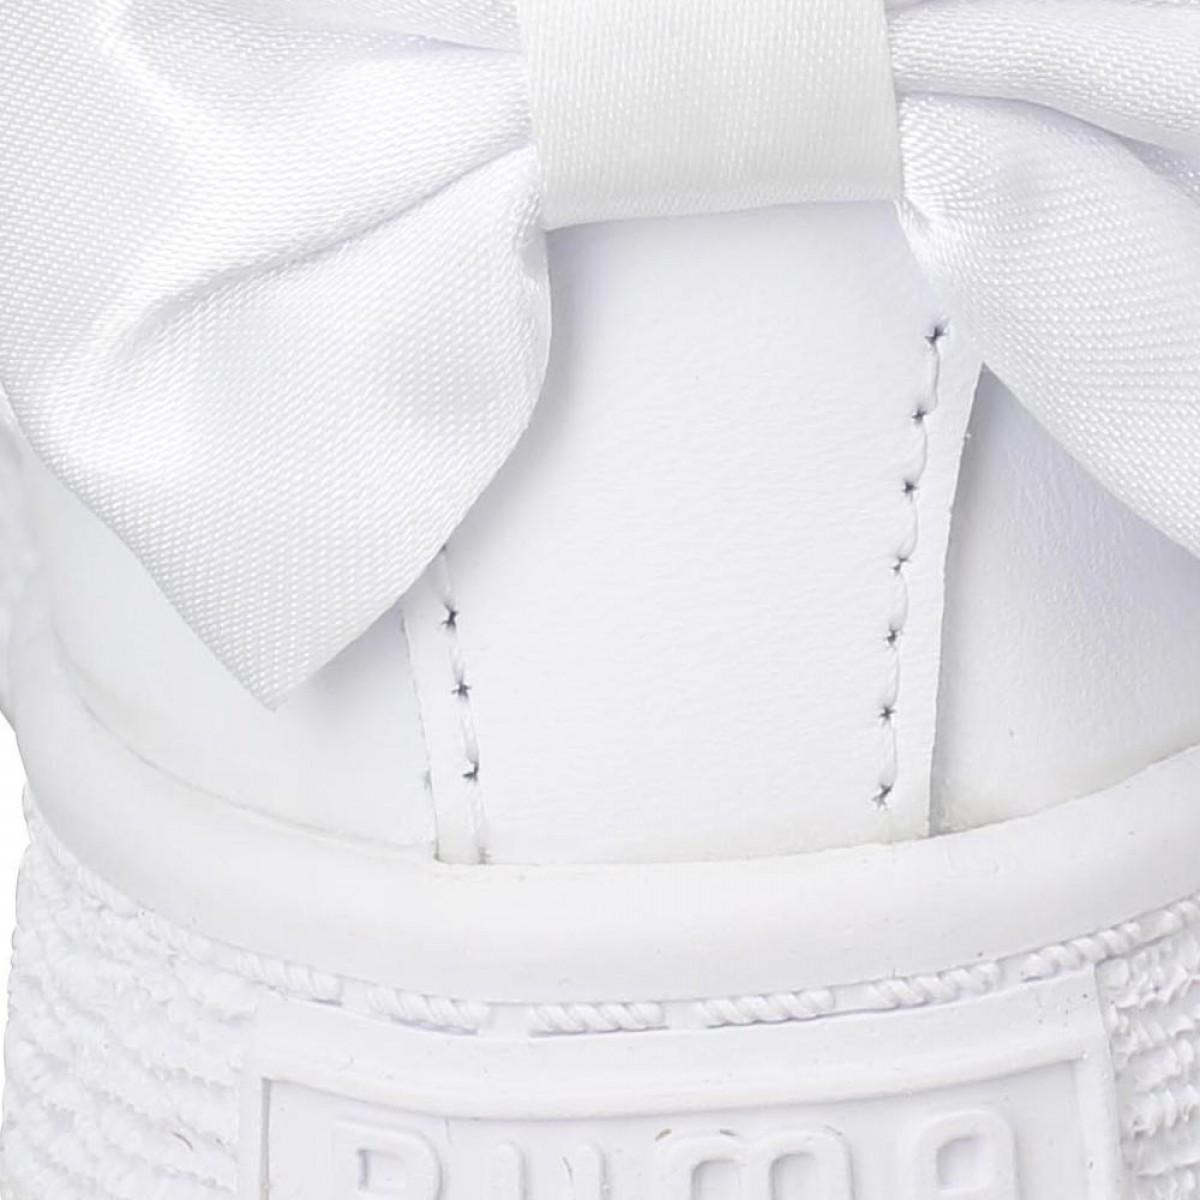 Blanc Basket Puma Enfant Bow Cuir mynON80vw